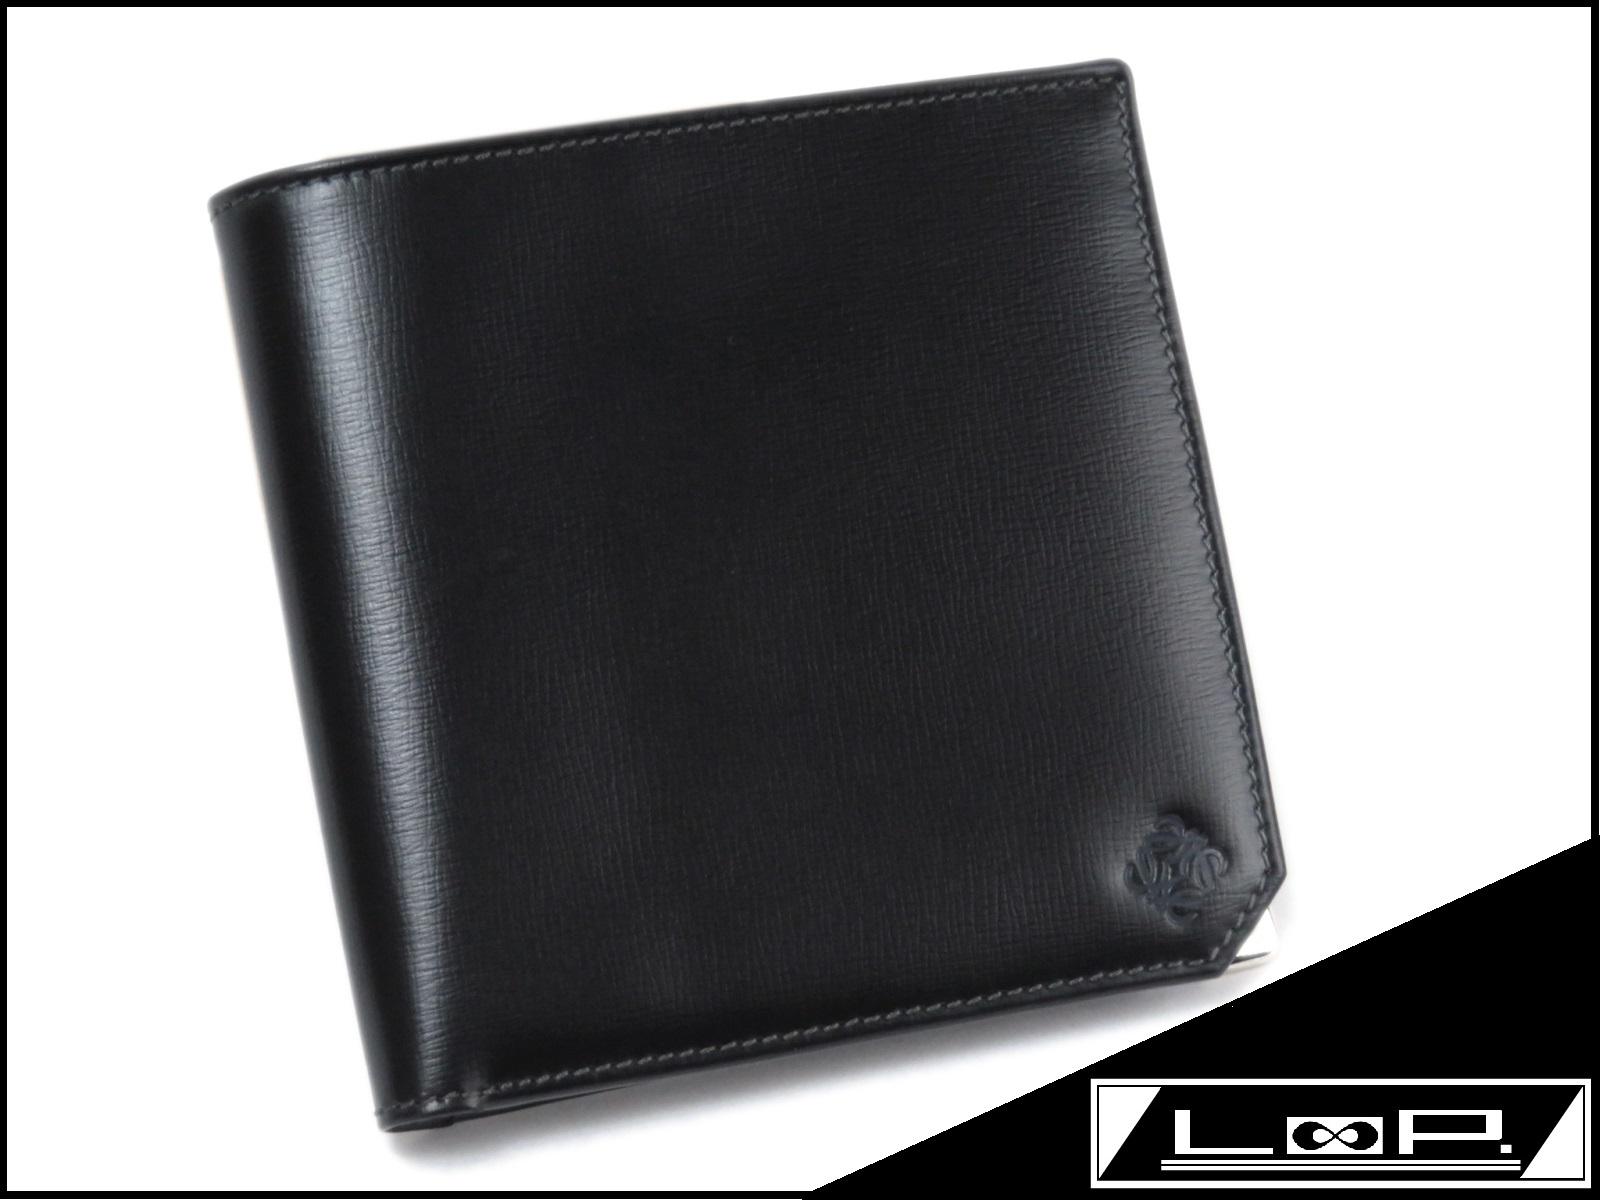 【LOEWE】 ロエベ 二つ折り 財布 サイフ レザー ブラック クロ 黒 【A25668】 【中古】